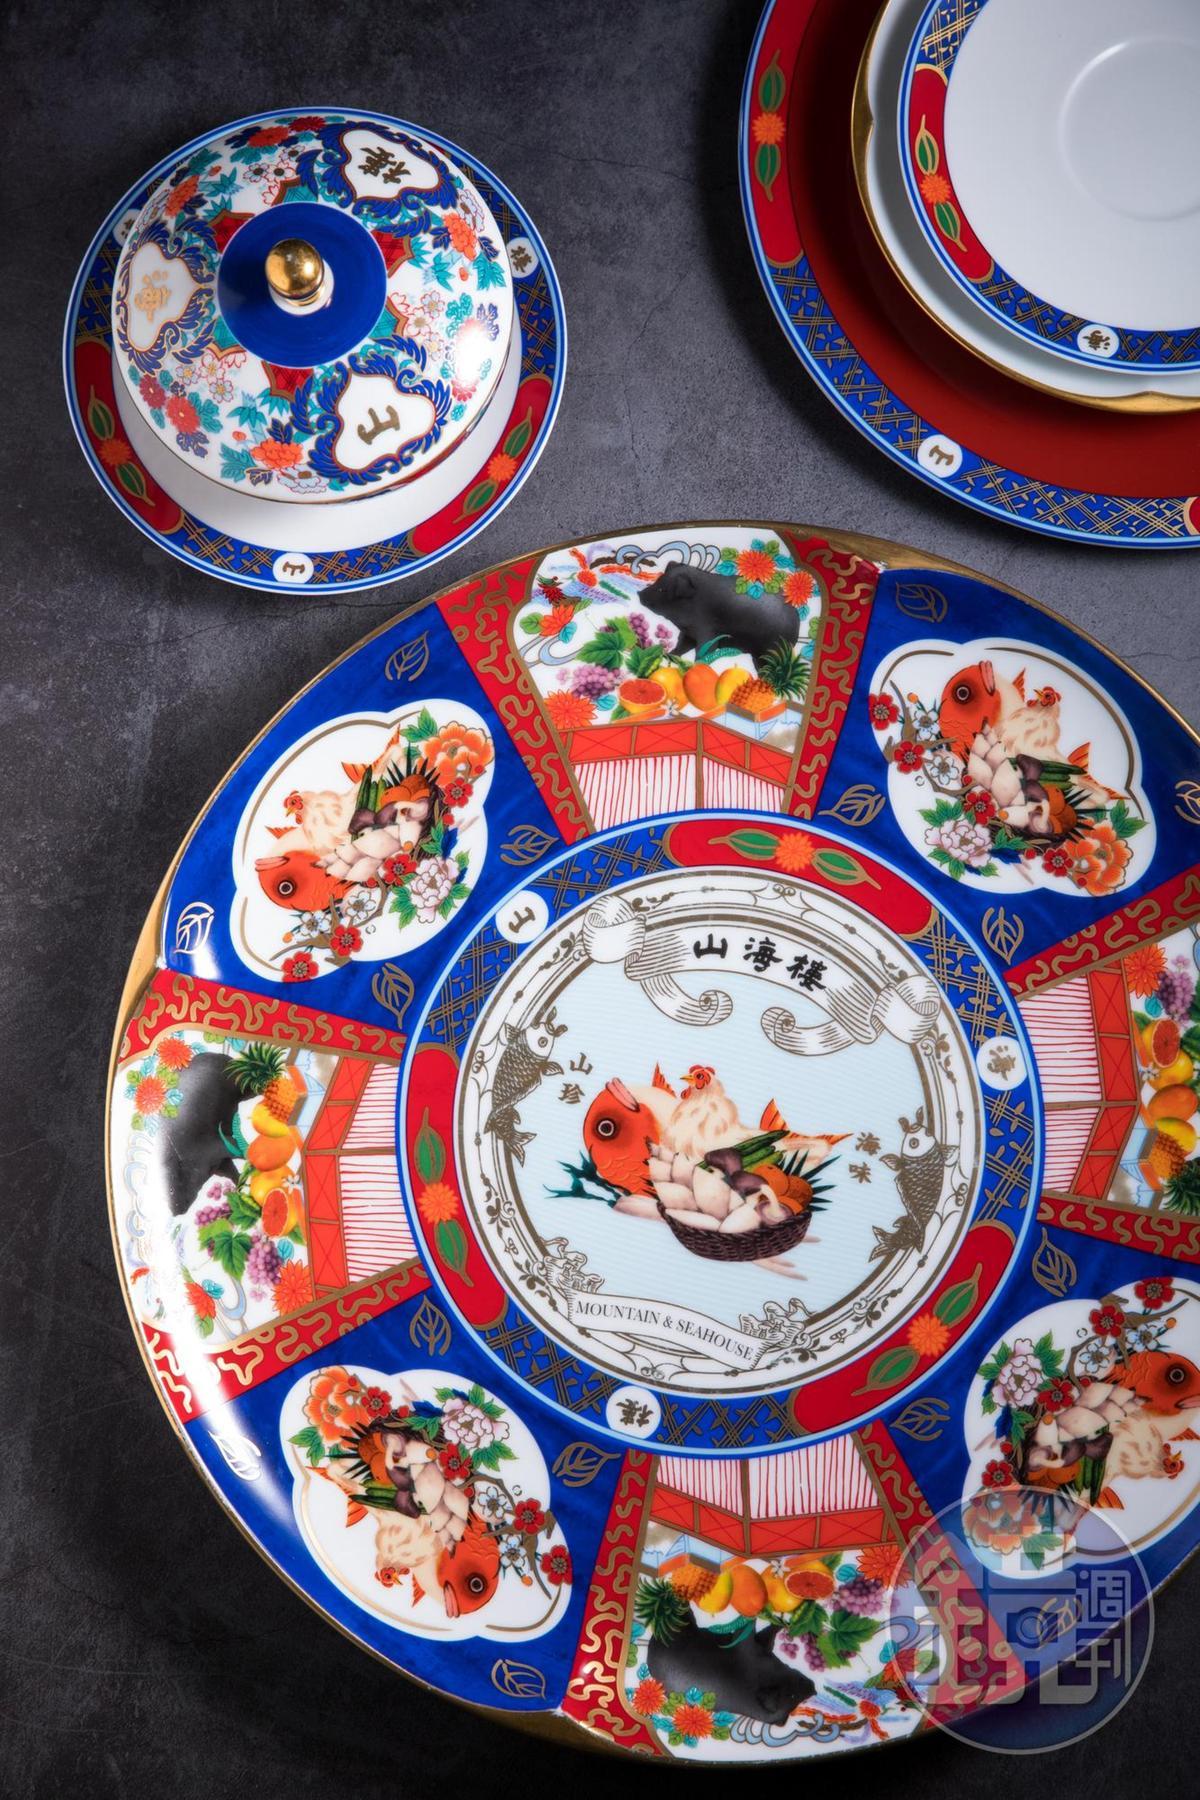 法國瓷器品牌LEGLE量身打造的餐具,讓料理更添精緻奢華感。